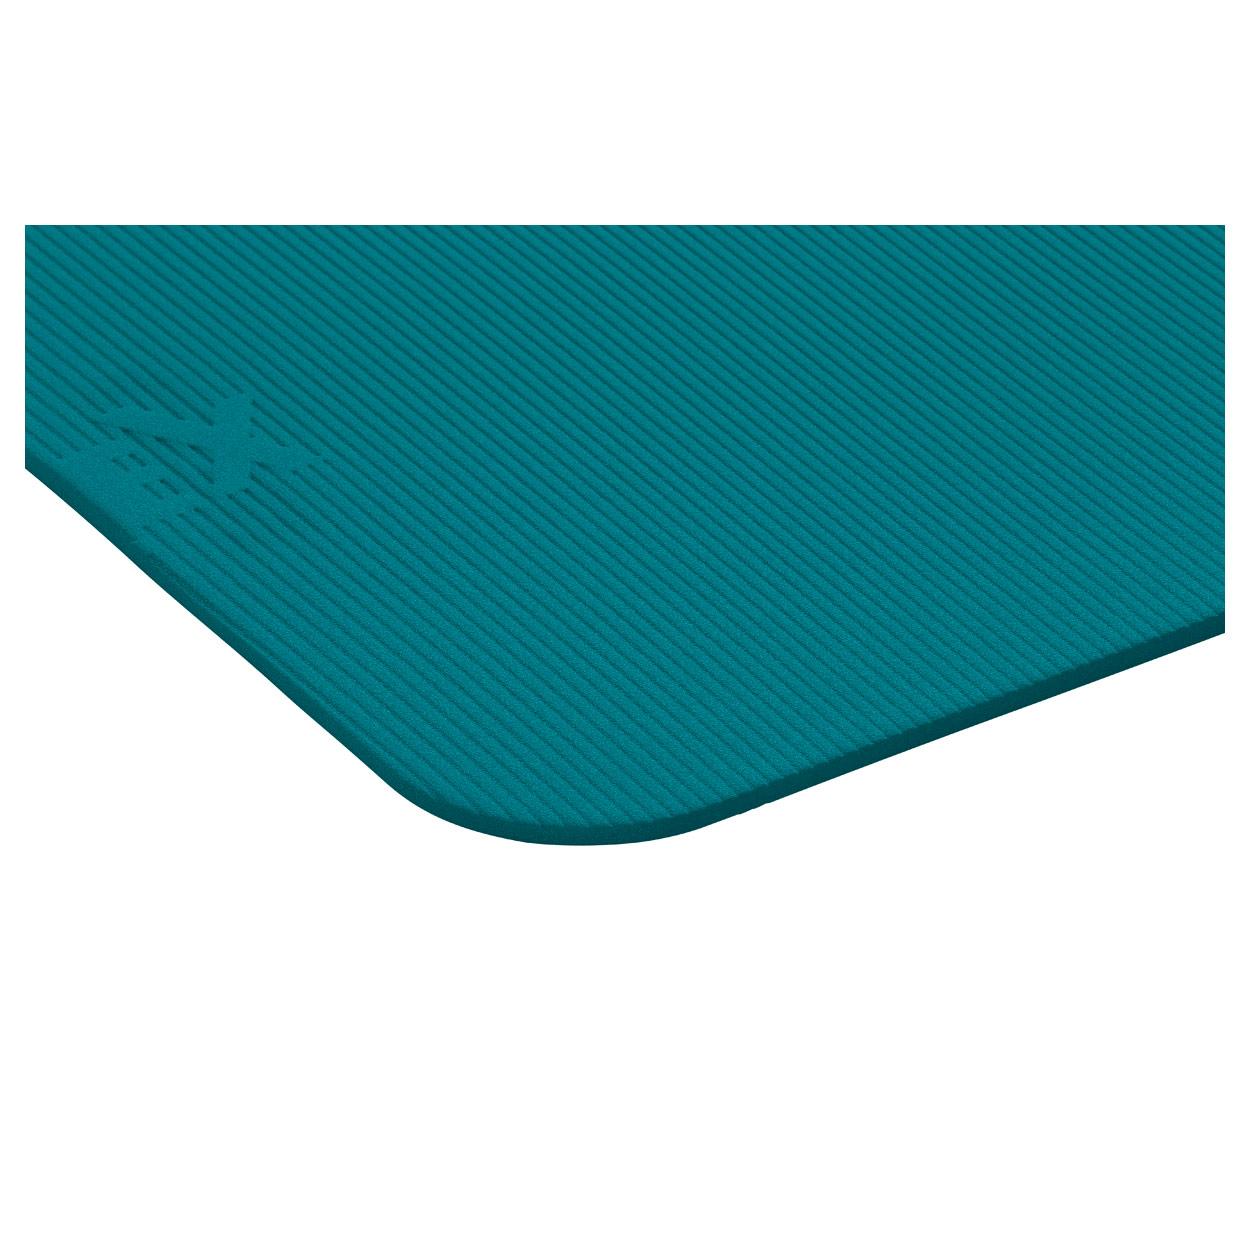 AIREX-Gymnastikmatte-Fitline-140-Sportmatte-Pilatesmatte-Turnmatte-Fitnessmatte Indexbild 10